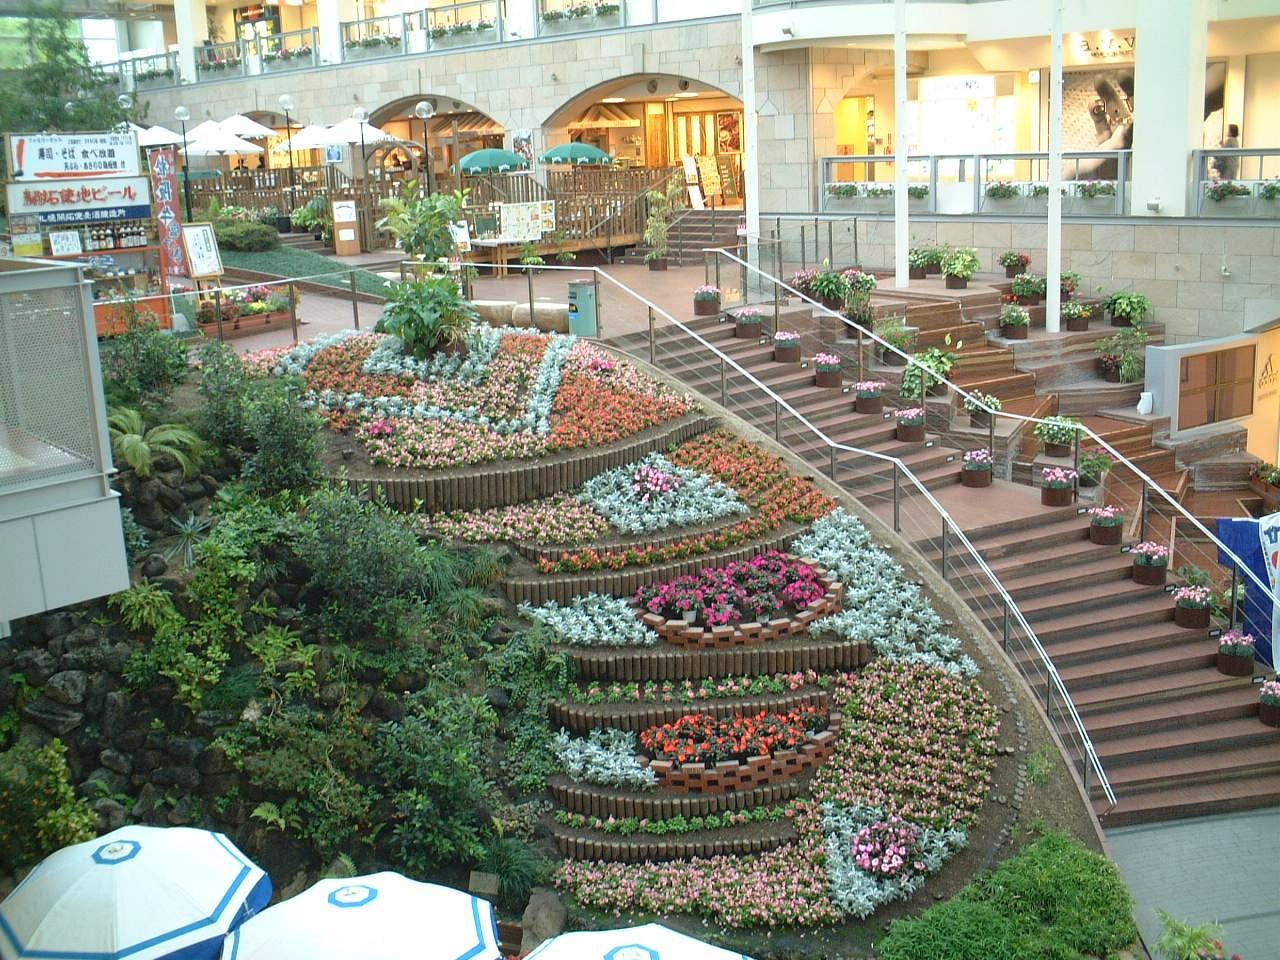 サッポロファクトリー植物管理